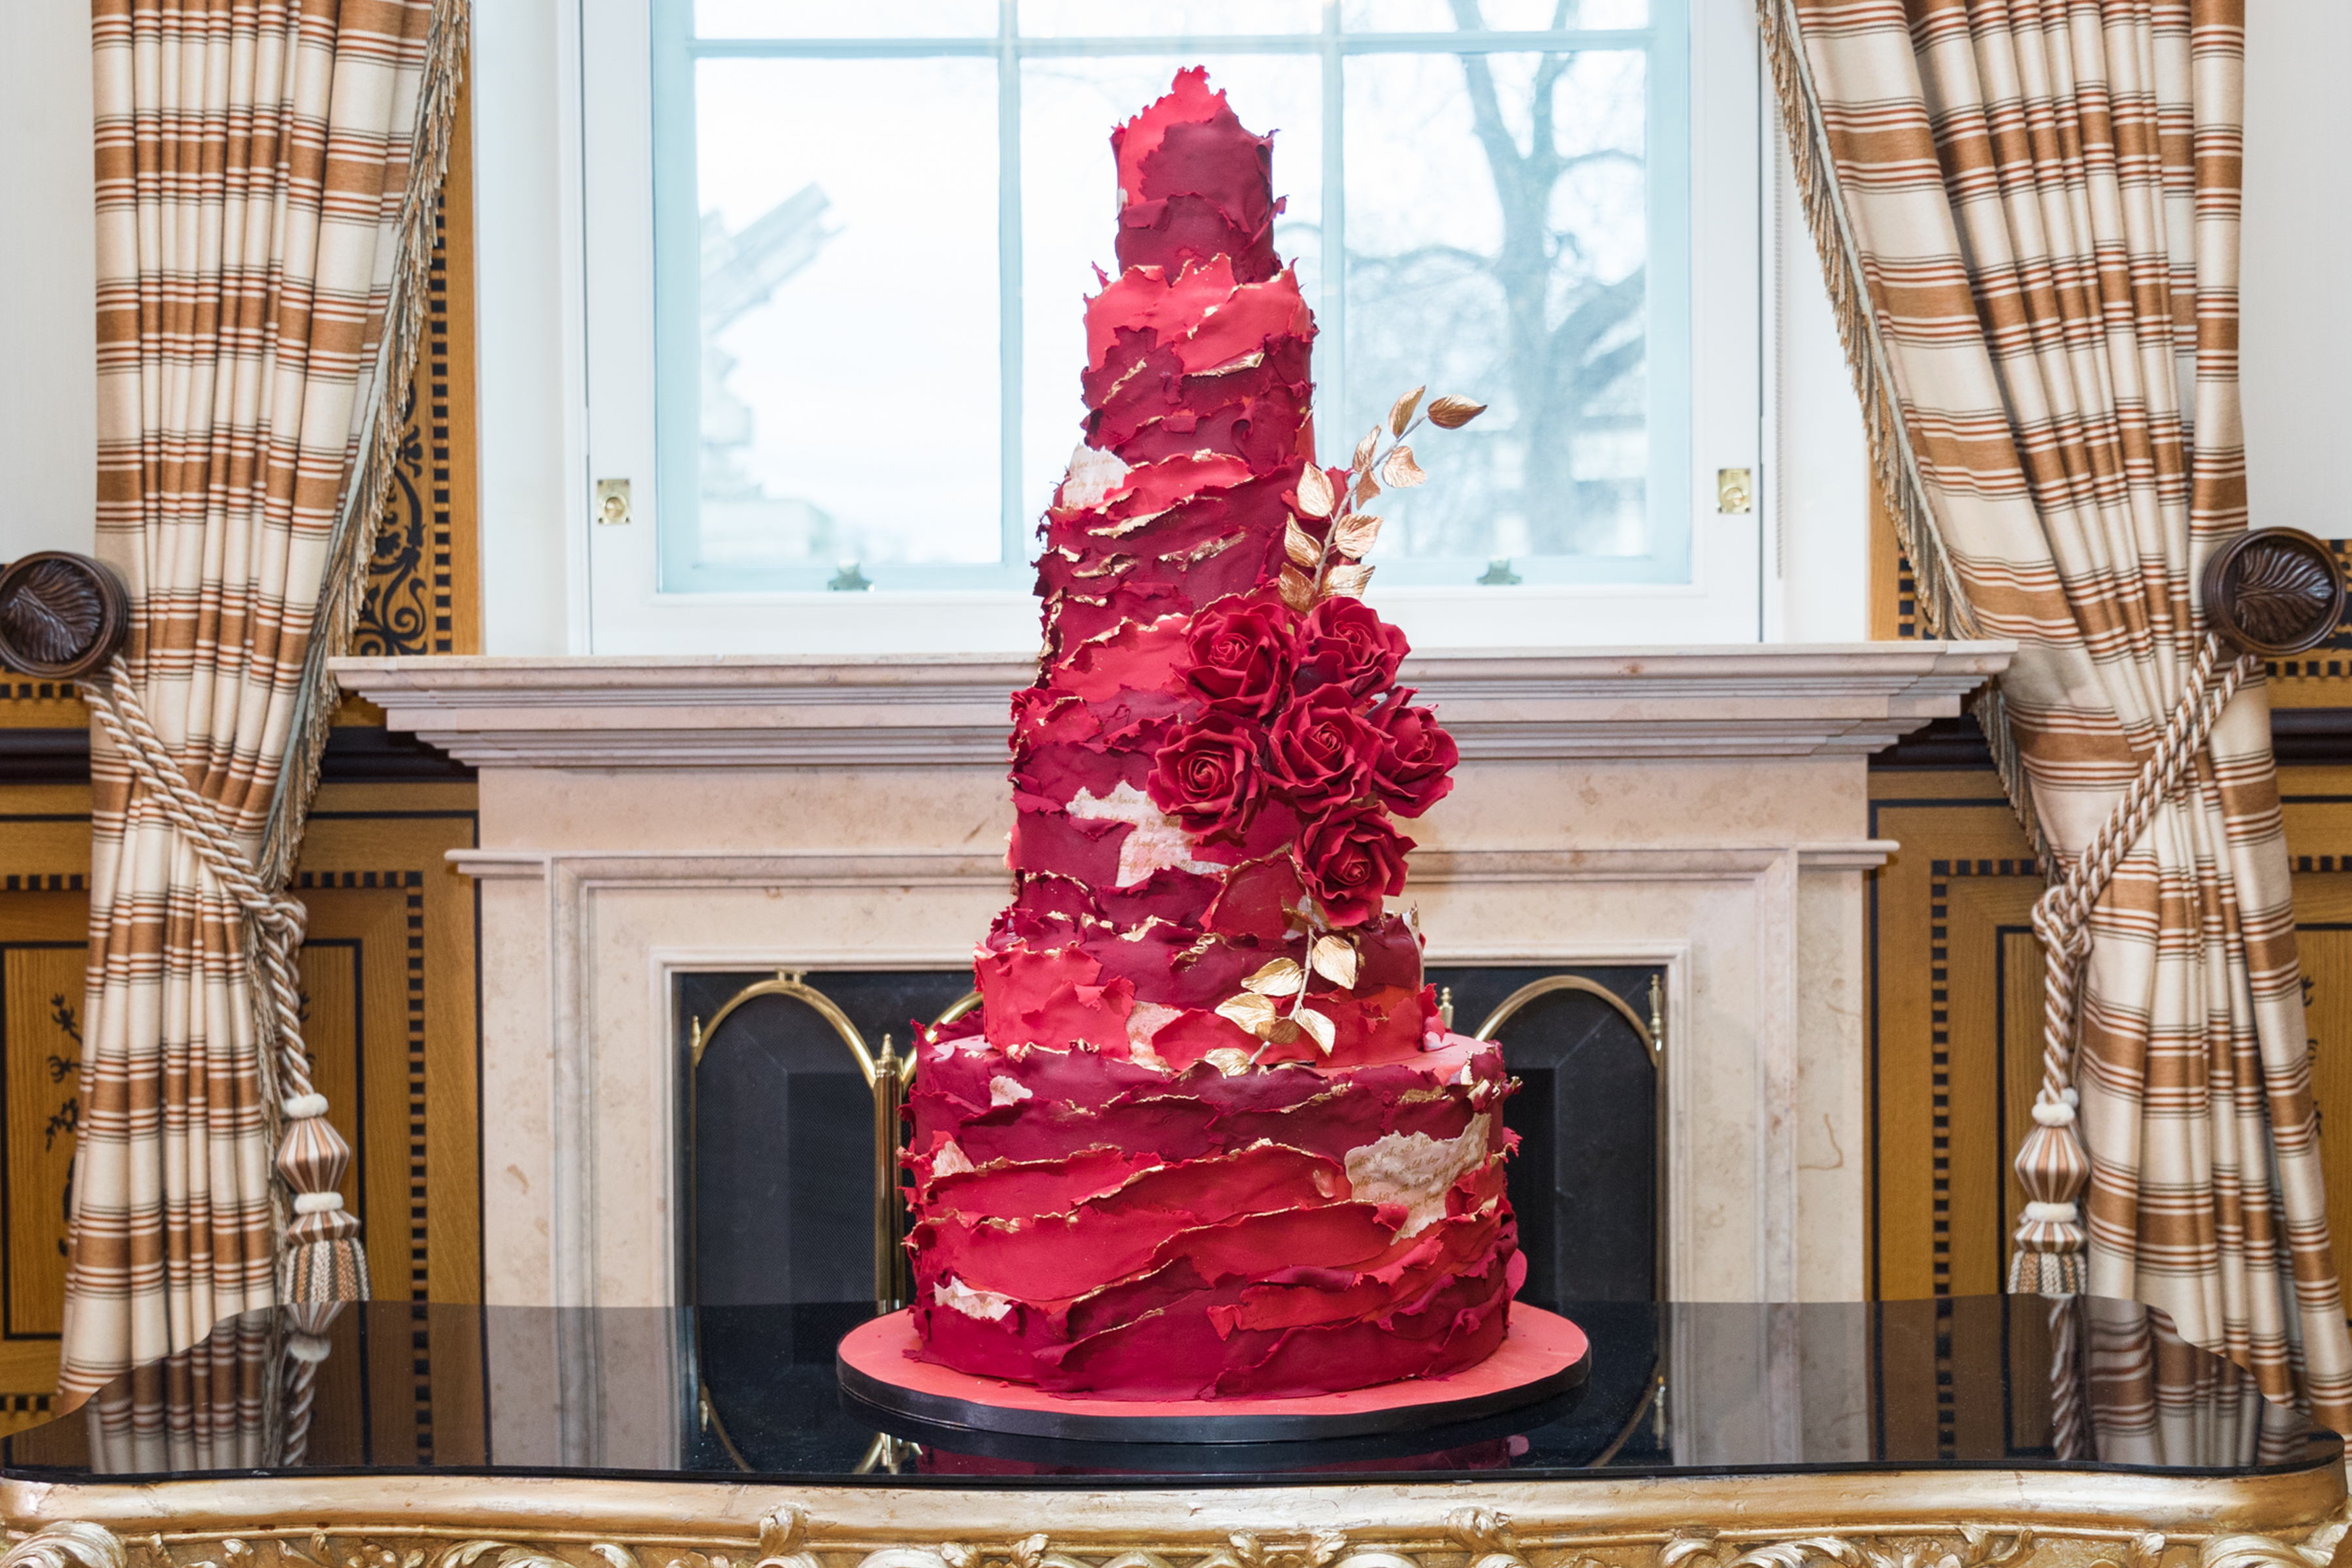 red-torn-paper-cake-ec-emporium